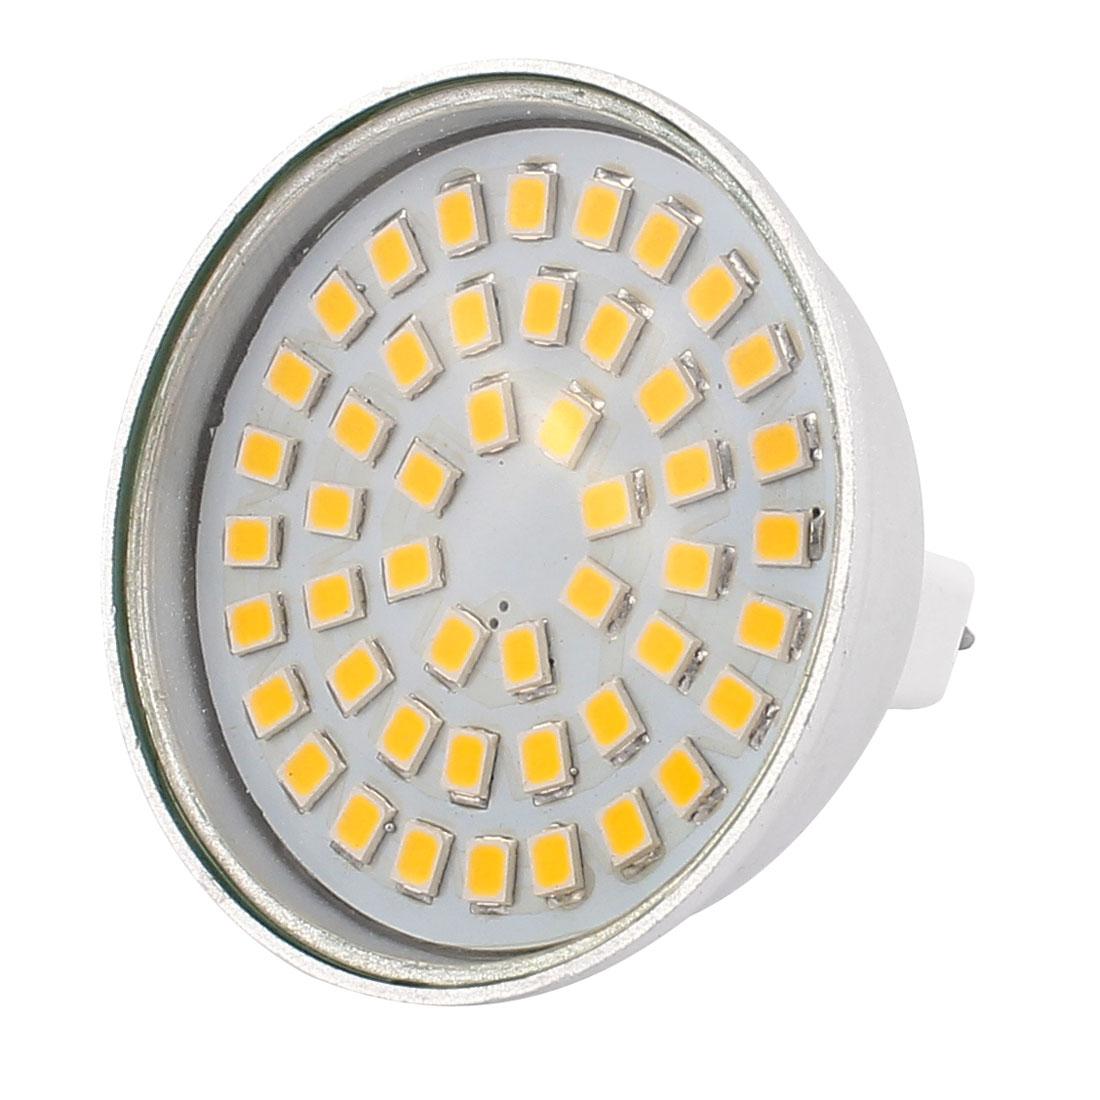 110V 4W MR16 2835 SMD 48 LEDs LED Bulb Light Spotlight Lamp Energy Save Warm White